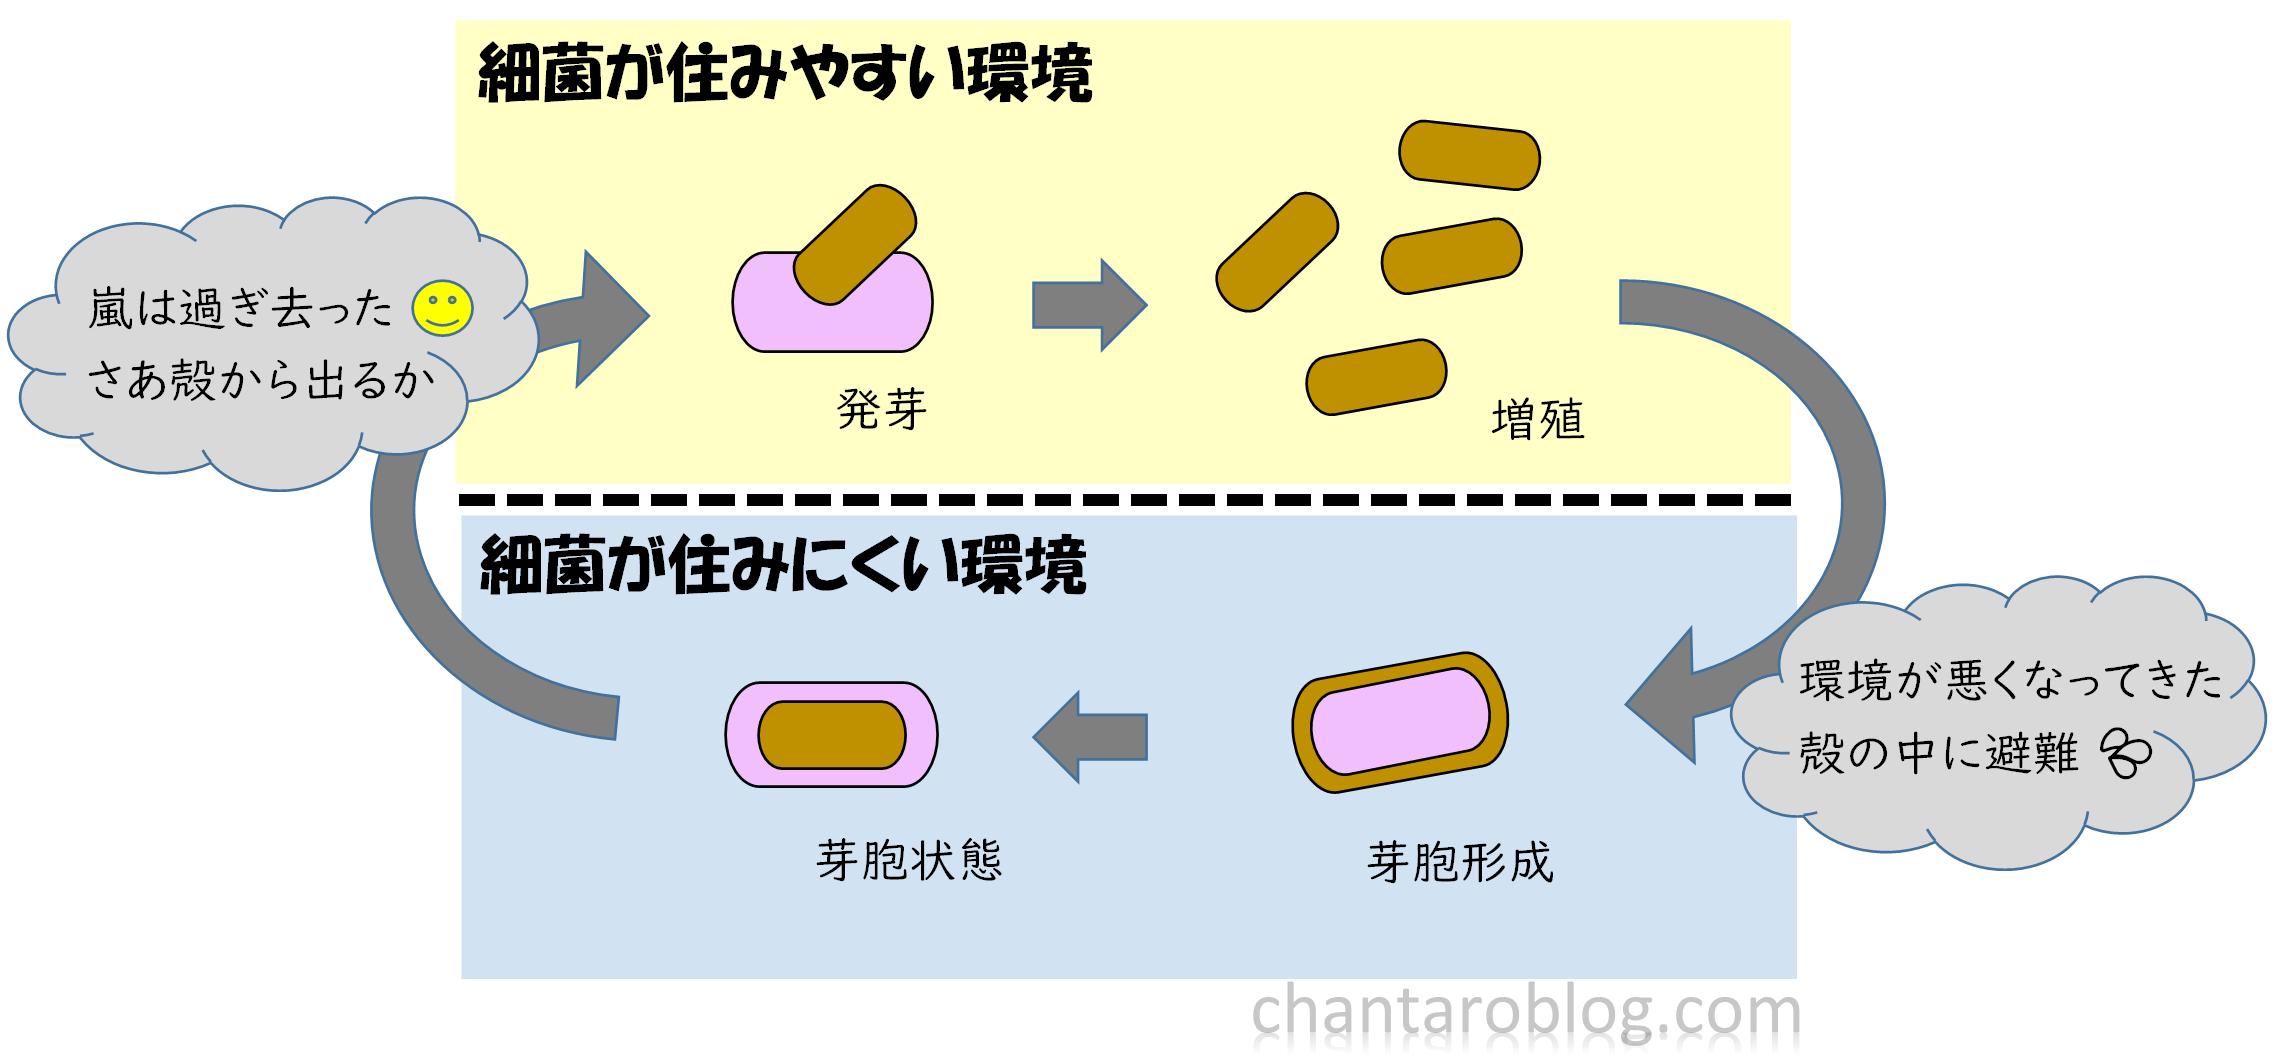 熱に強い芽胞形成菌の説明をしている